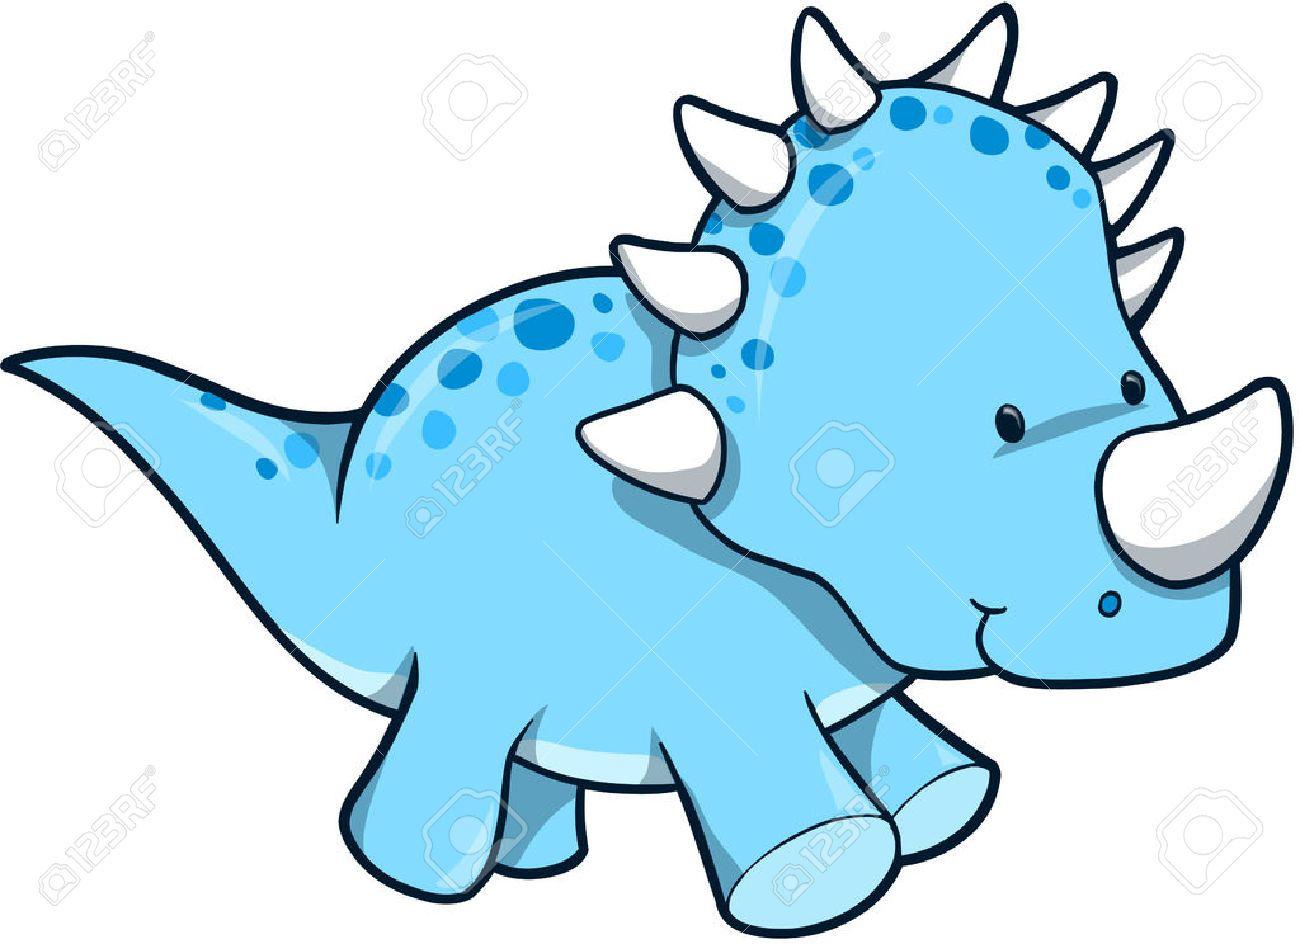 Stock Vector Cute Dinosaur Dinosaur Illustration Monster